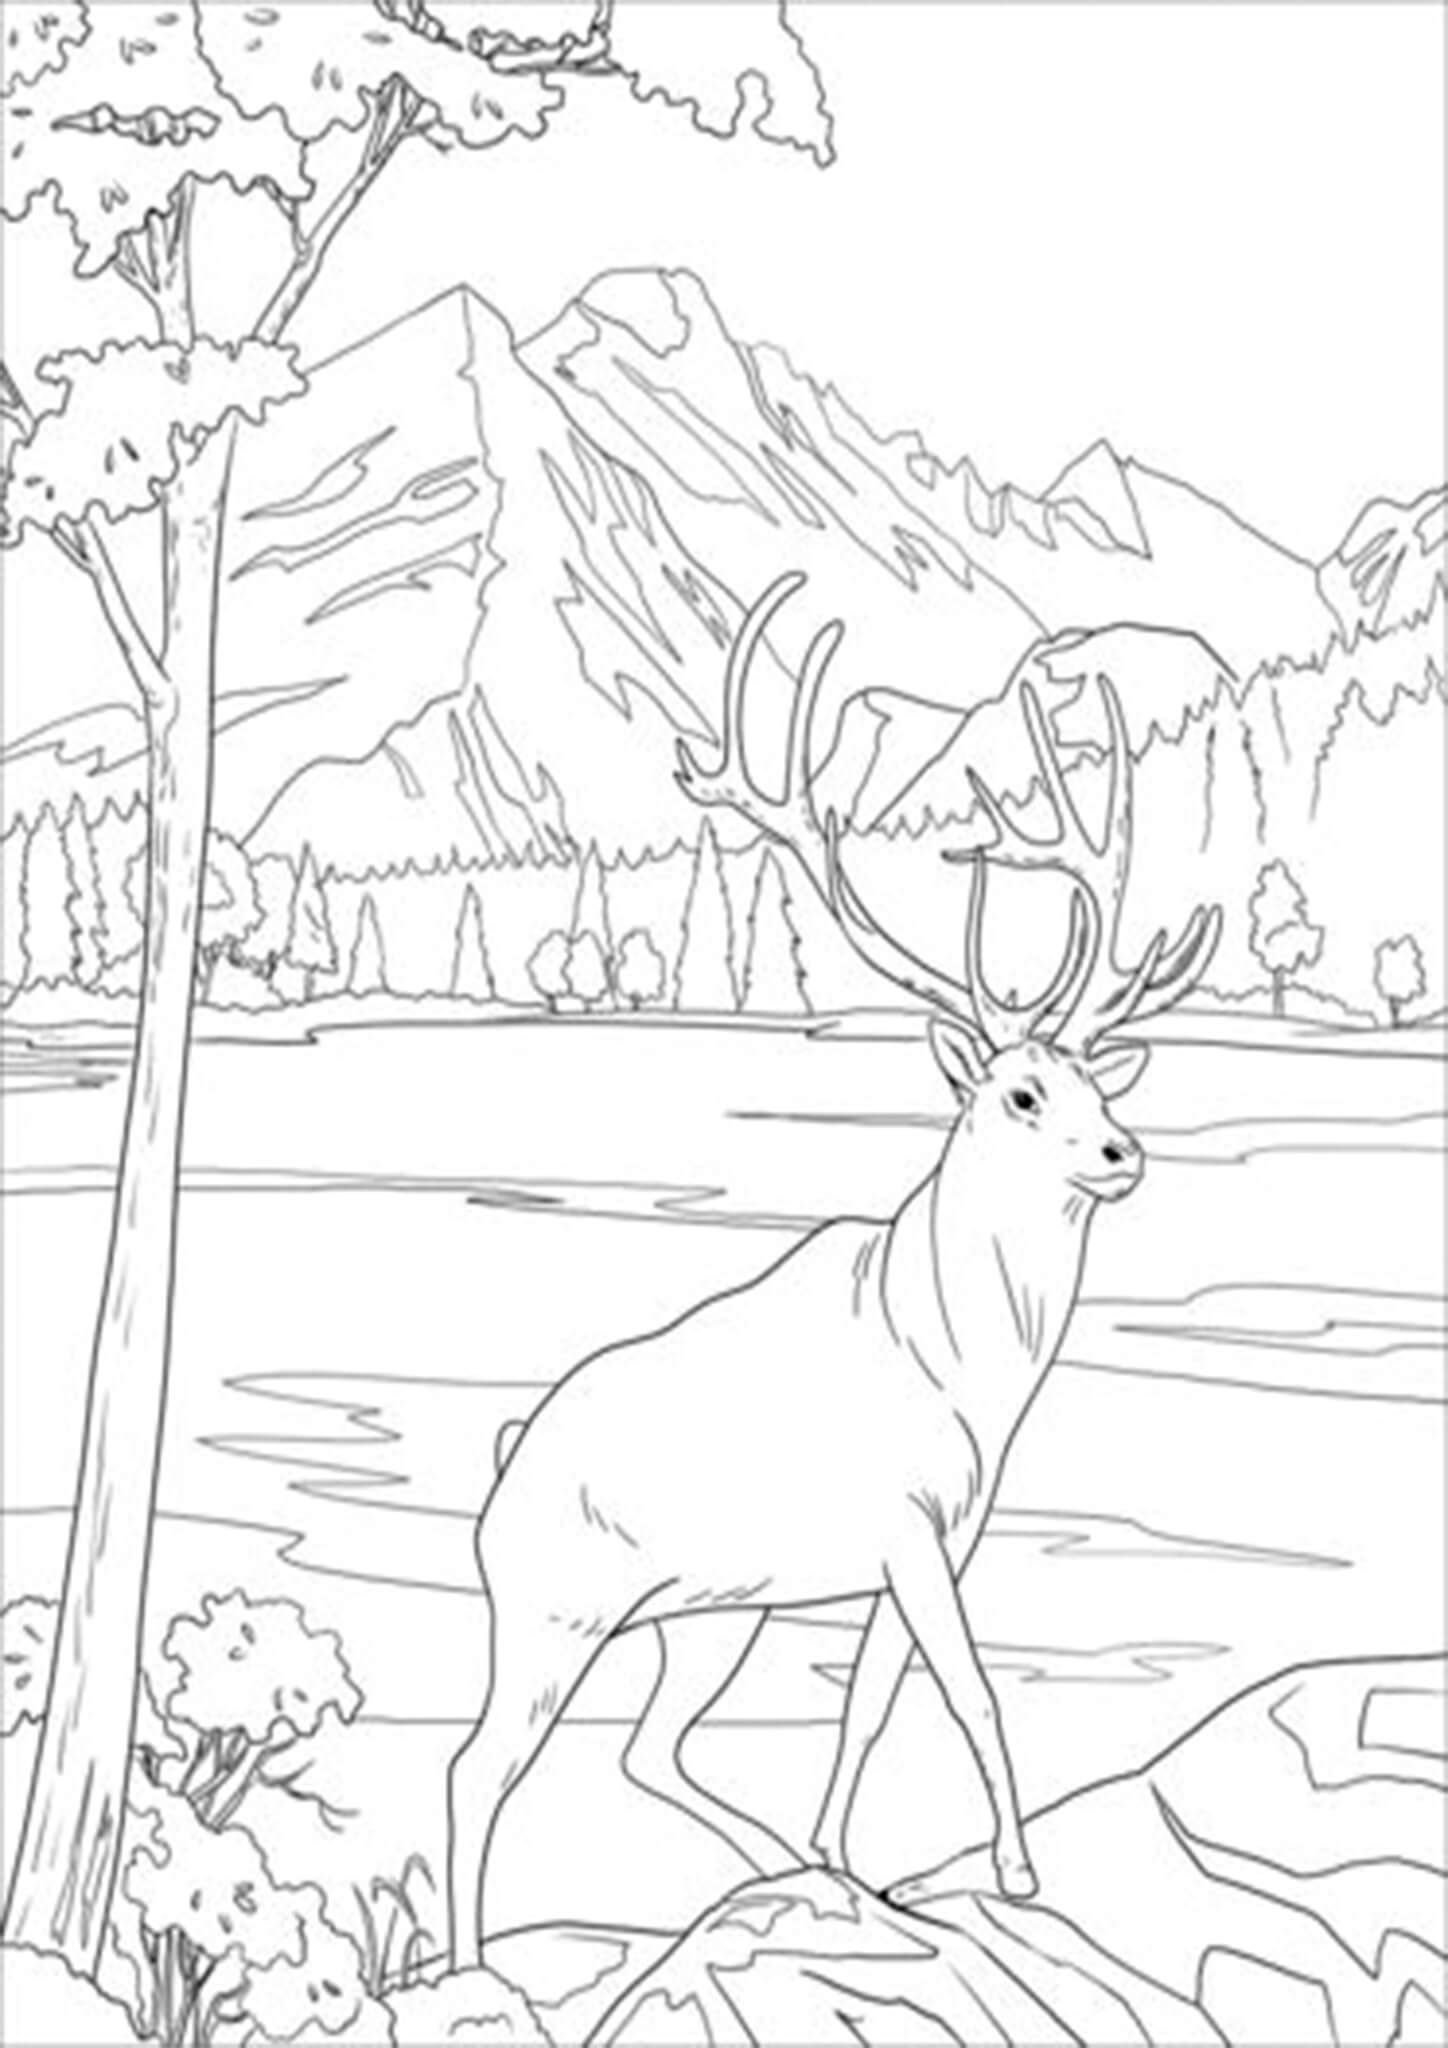 Deer Printable Coloring Pages Deer Coloring Pages Animal Coloring Pages Animal Coloring Books